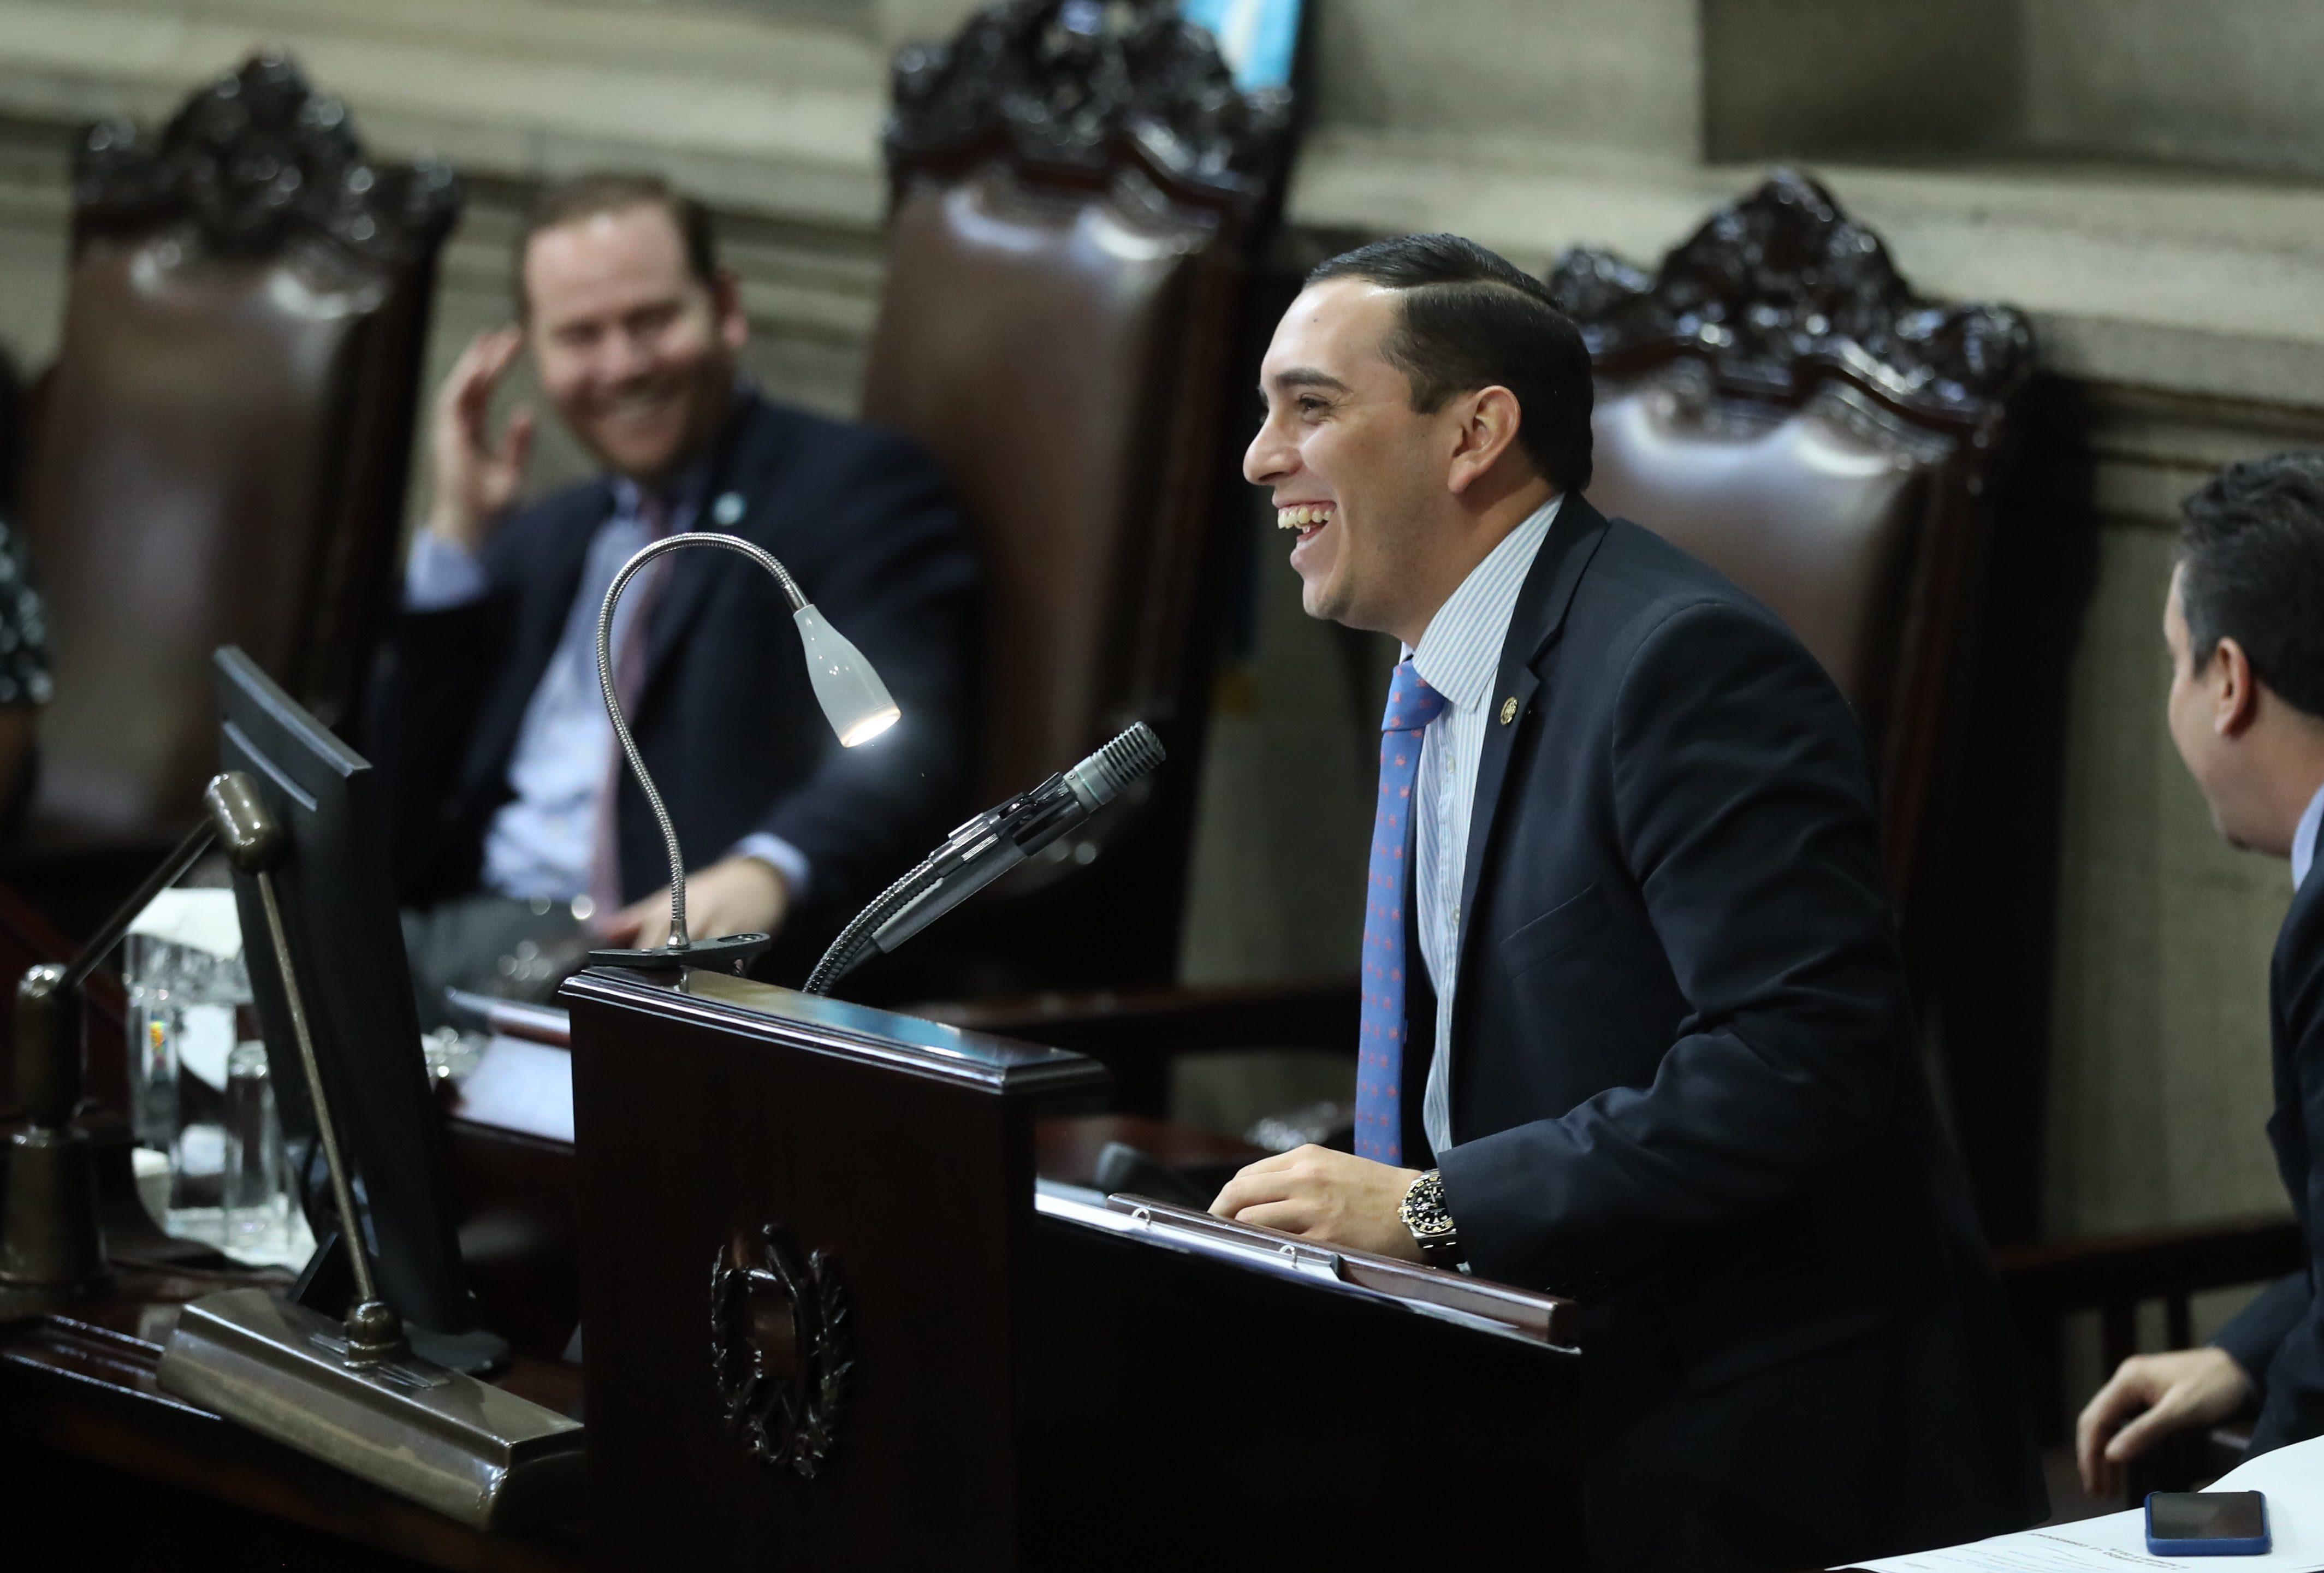 El diputado Juan Manuel Giordano es uno de los señalados de ser tránsfuga ya que siendo elegido por Líder se cambió a FCN-Nación. (Foto Prensa Libre: Hemeroteca PL)